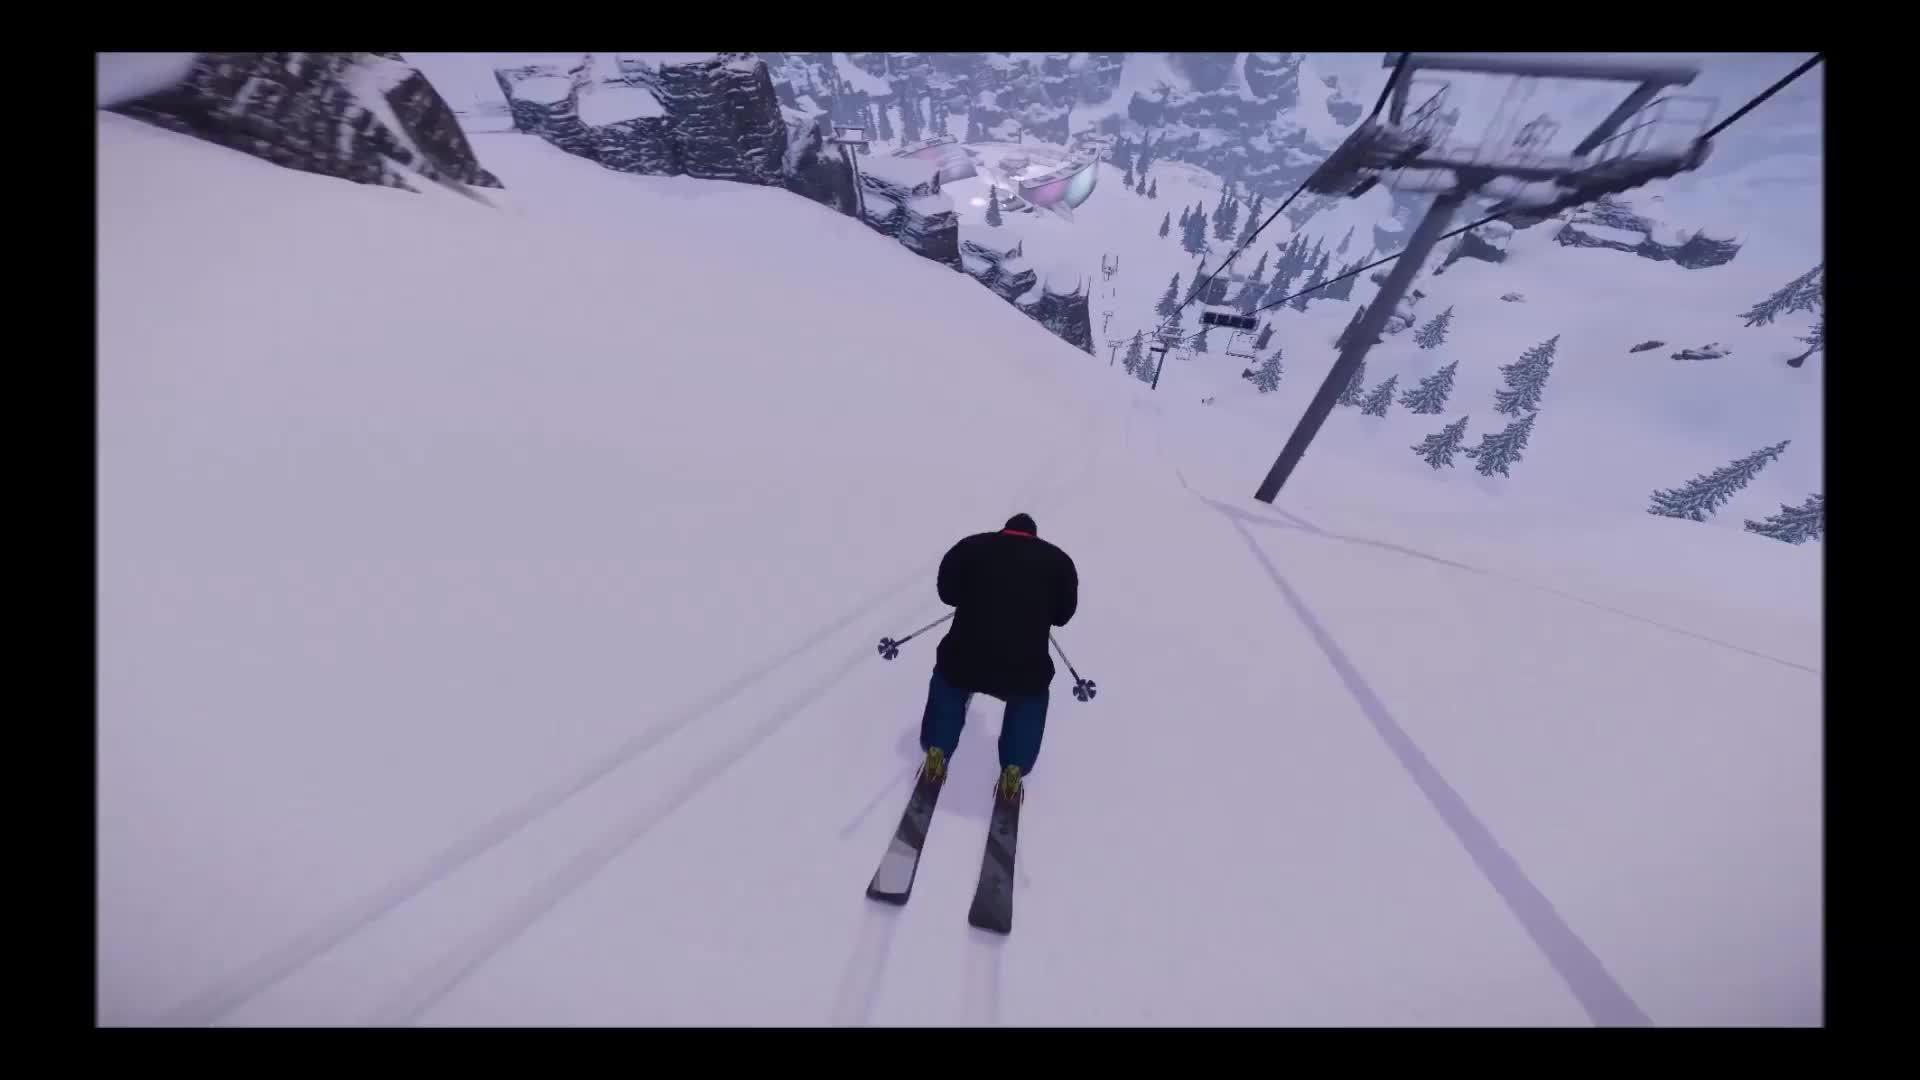 snow, snowthegame, SNOWgrind GIFs